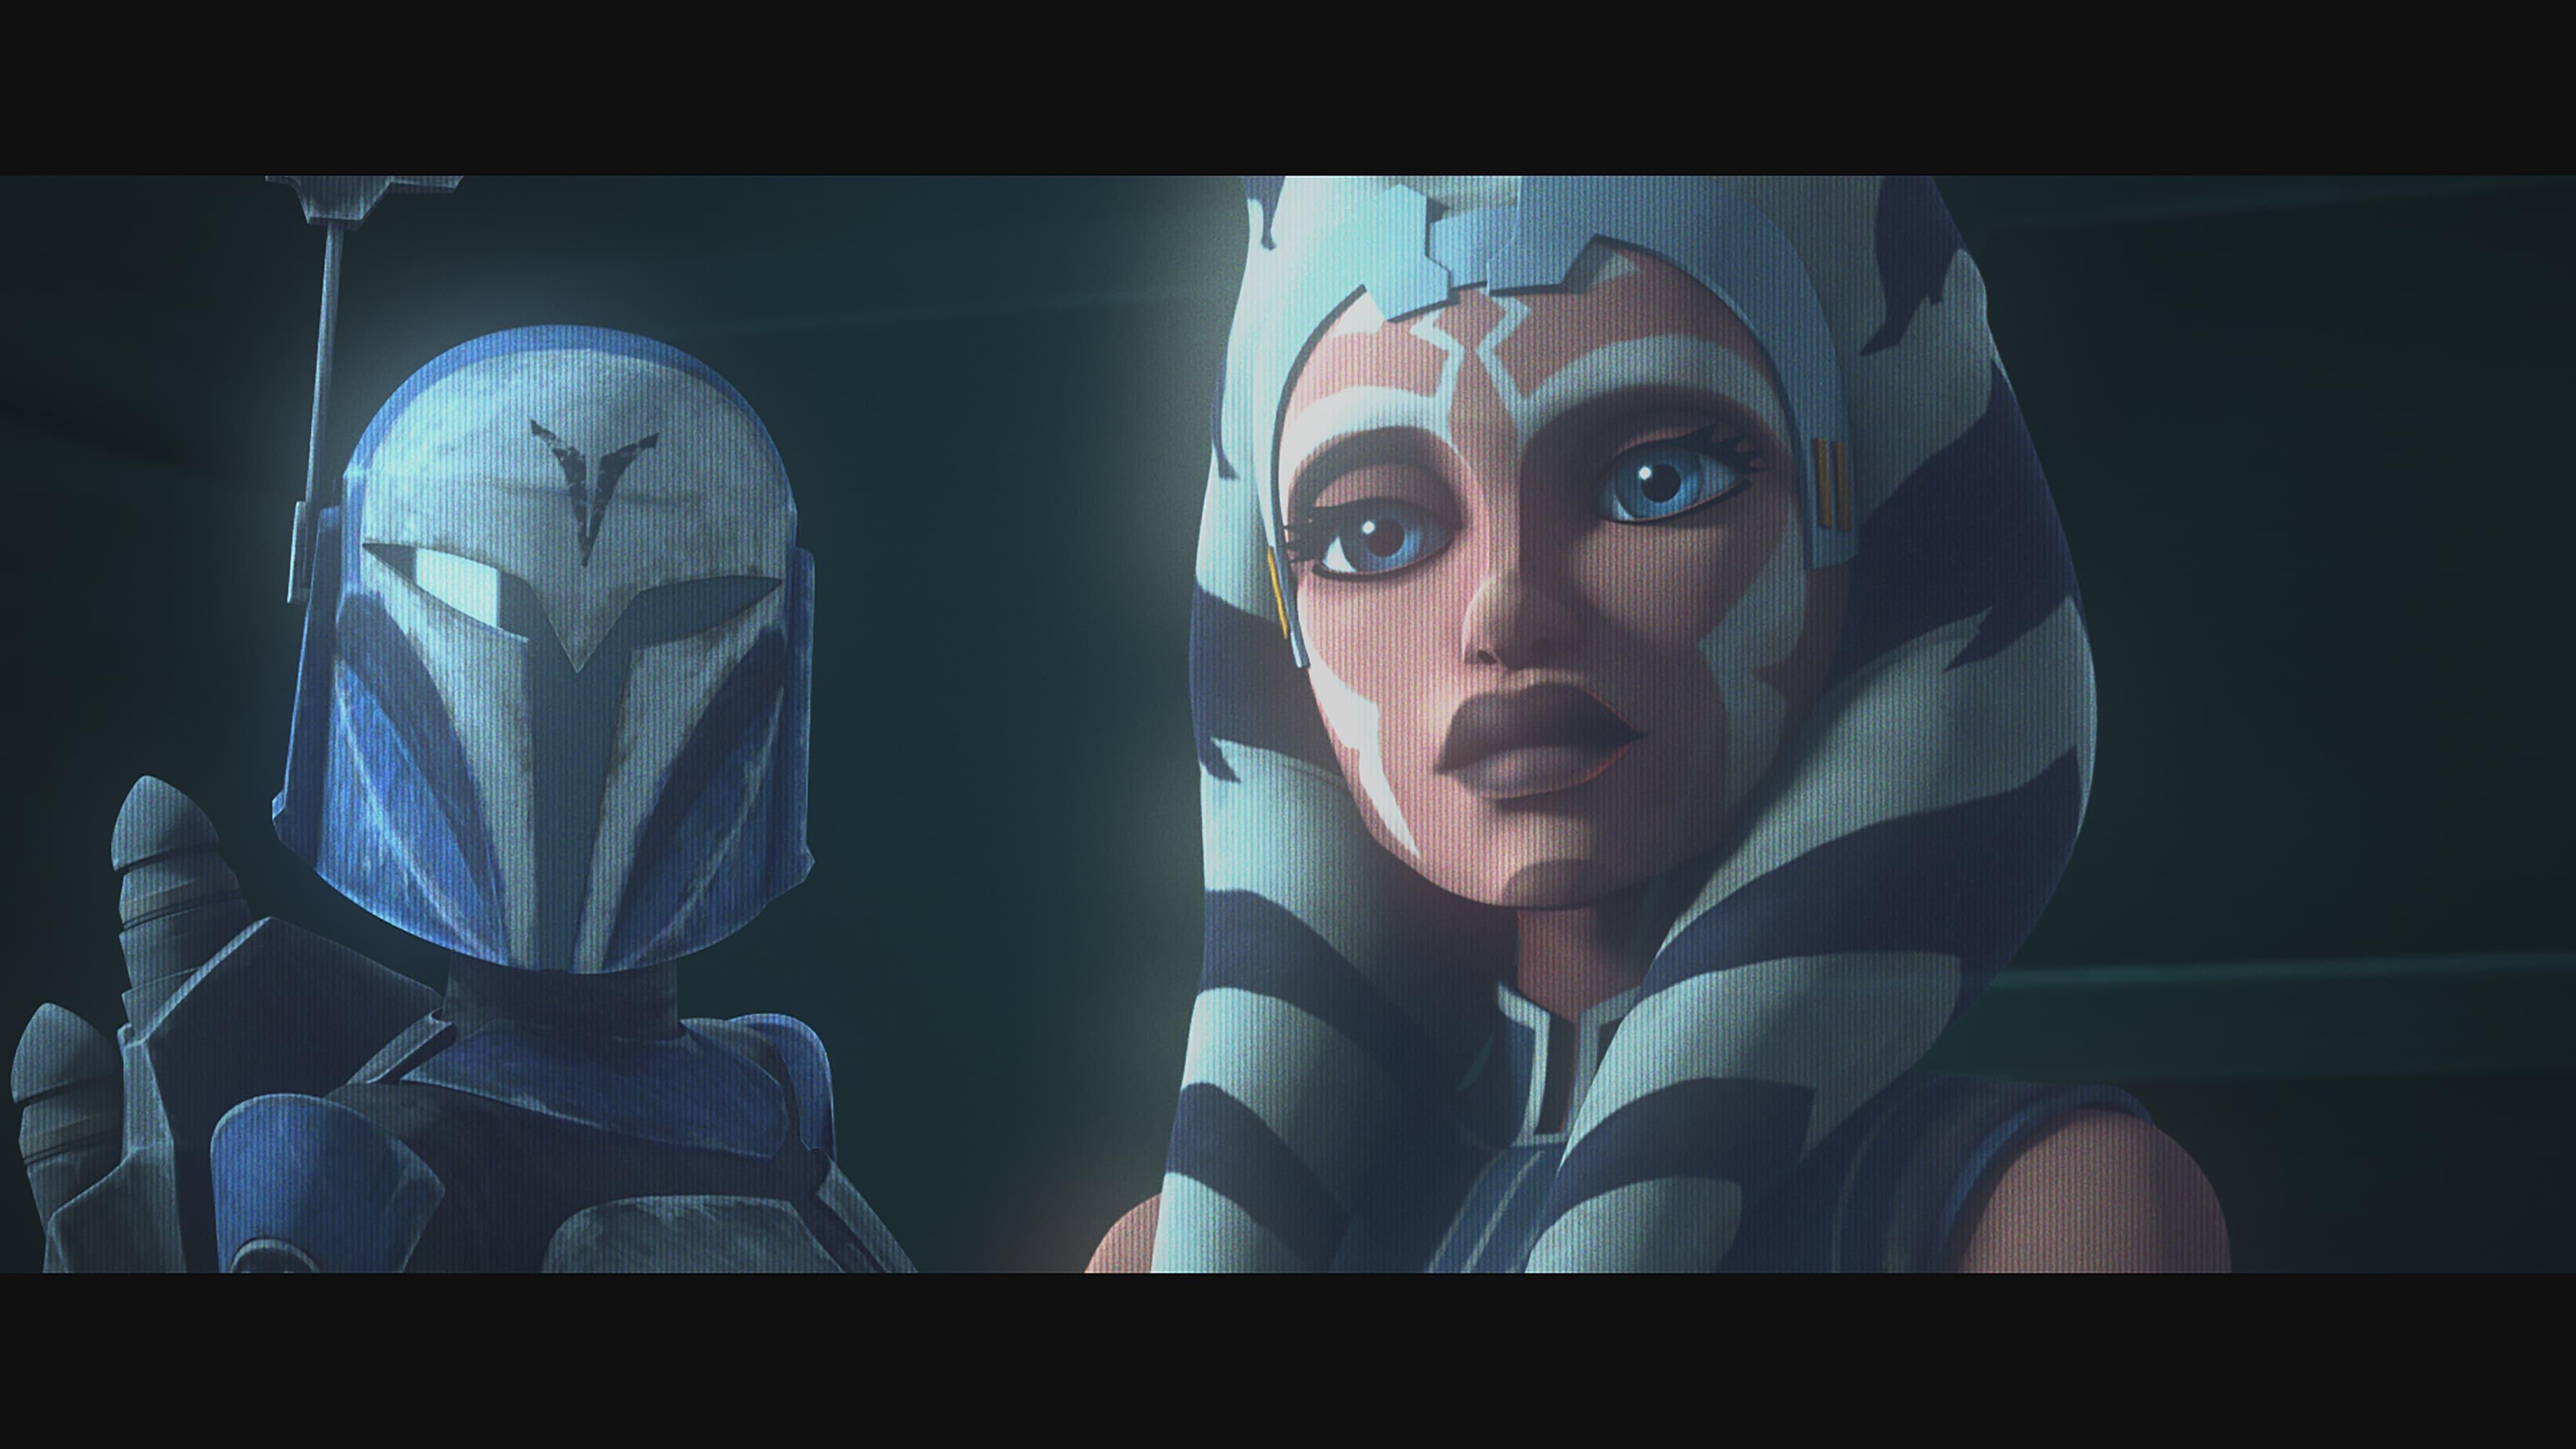 Star Wars Ahsoka Cartoon